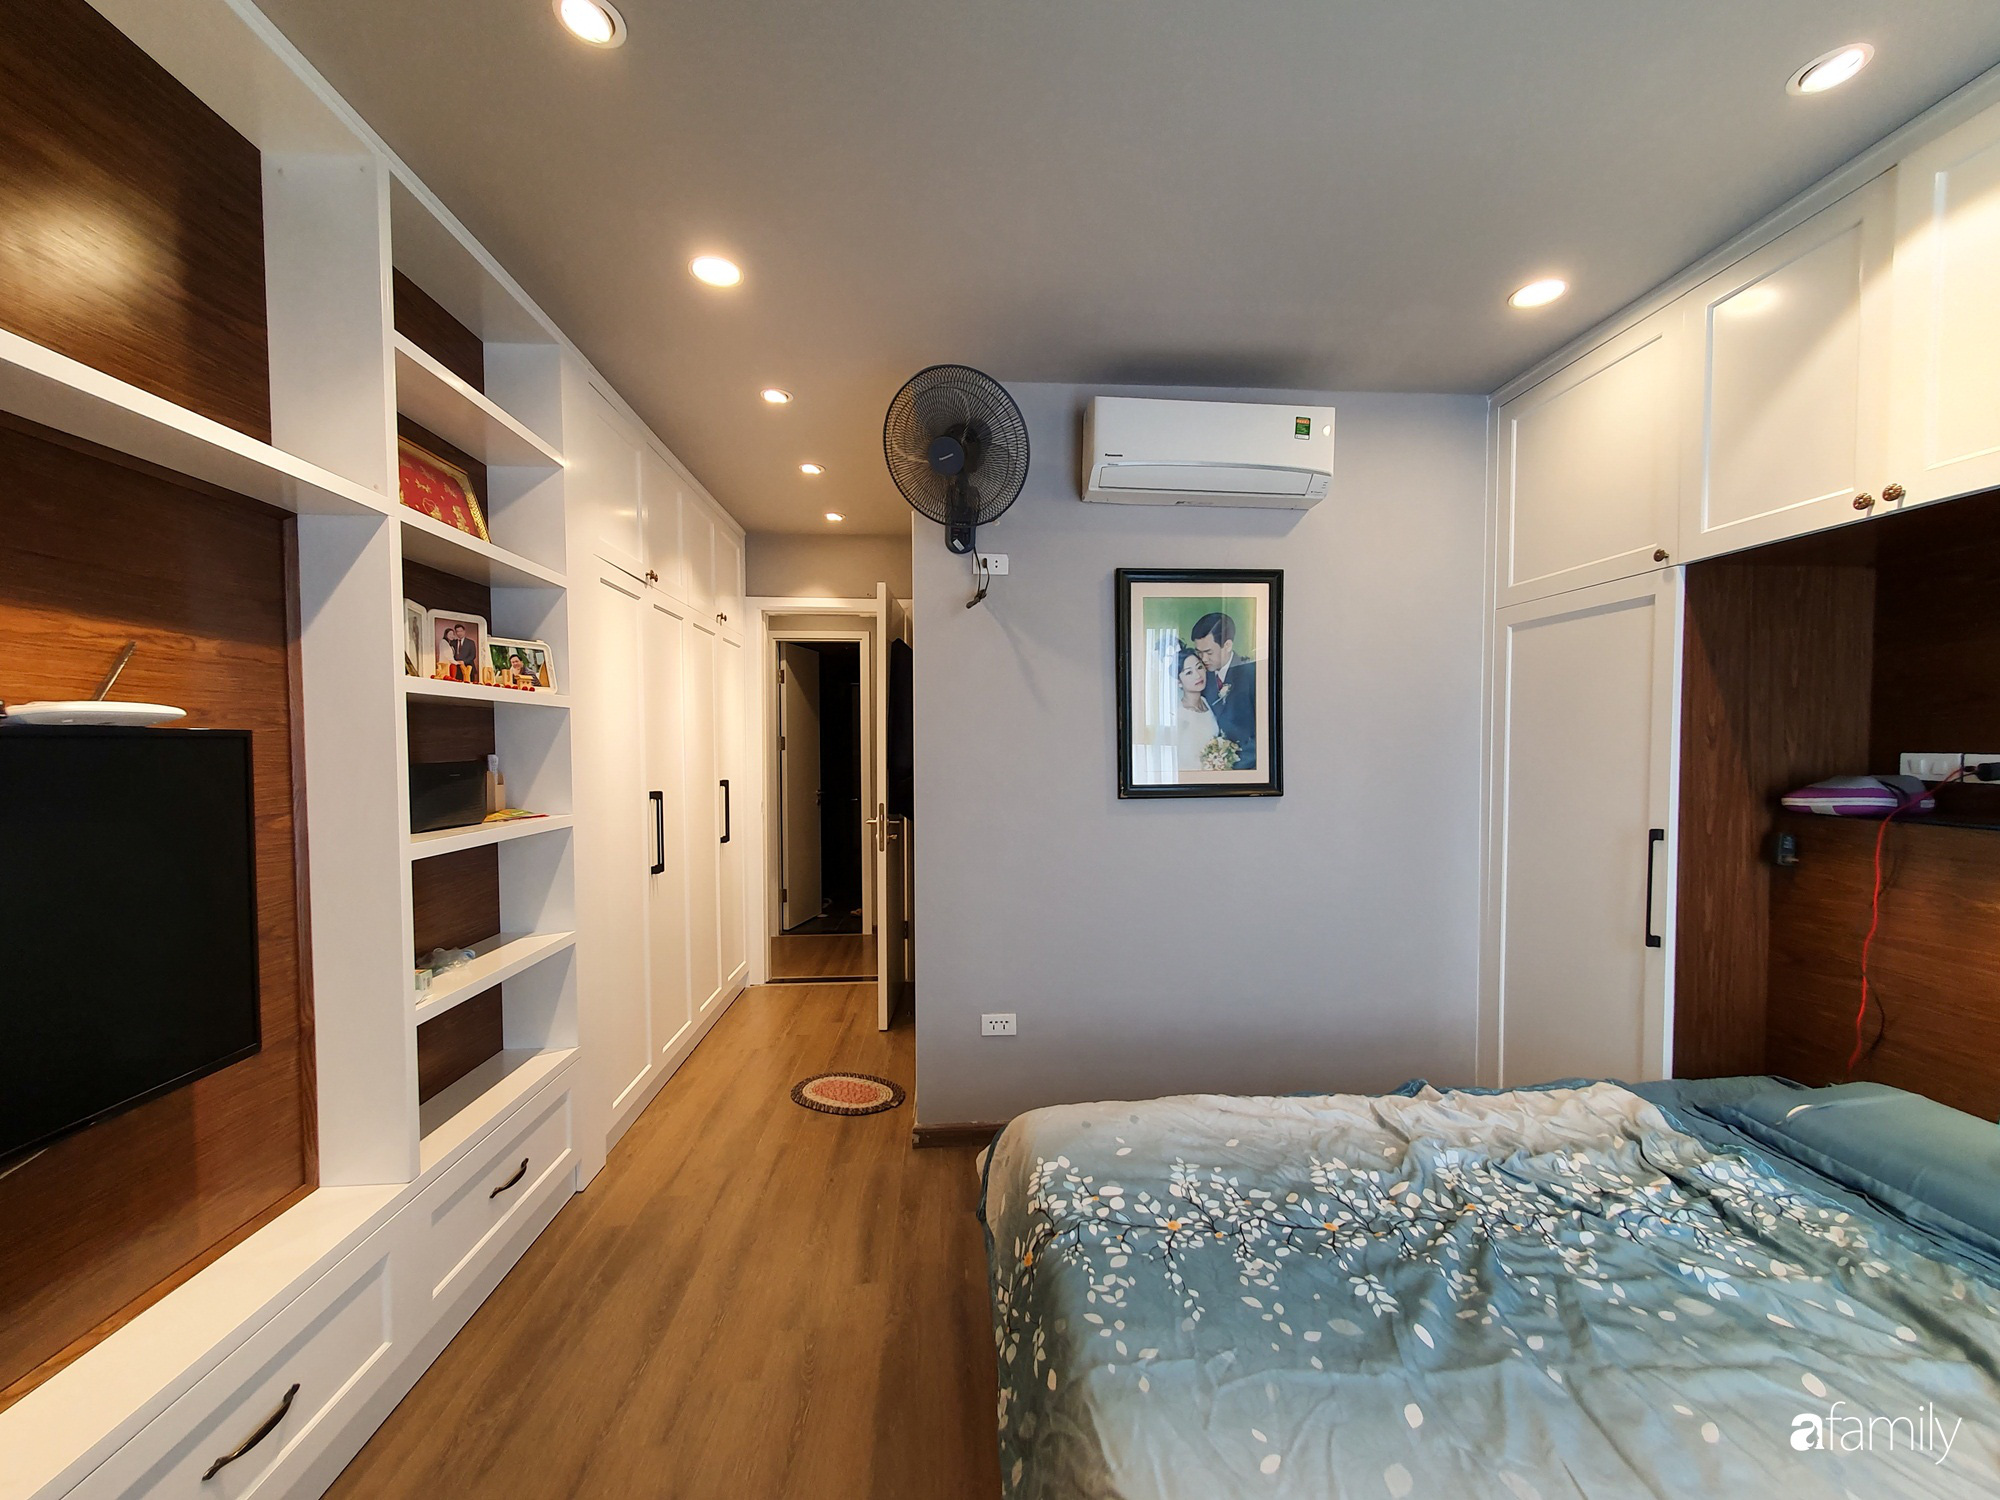 Căn hộ 116m2 hoàn thiện nội thất chưa đầy 1 tháng vẫn đẹp hiện đại, nền nã ở Cầu Giấy, Hà Nội - Ảnh 11.